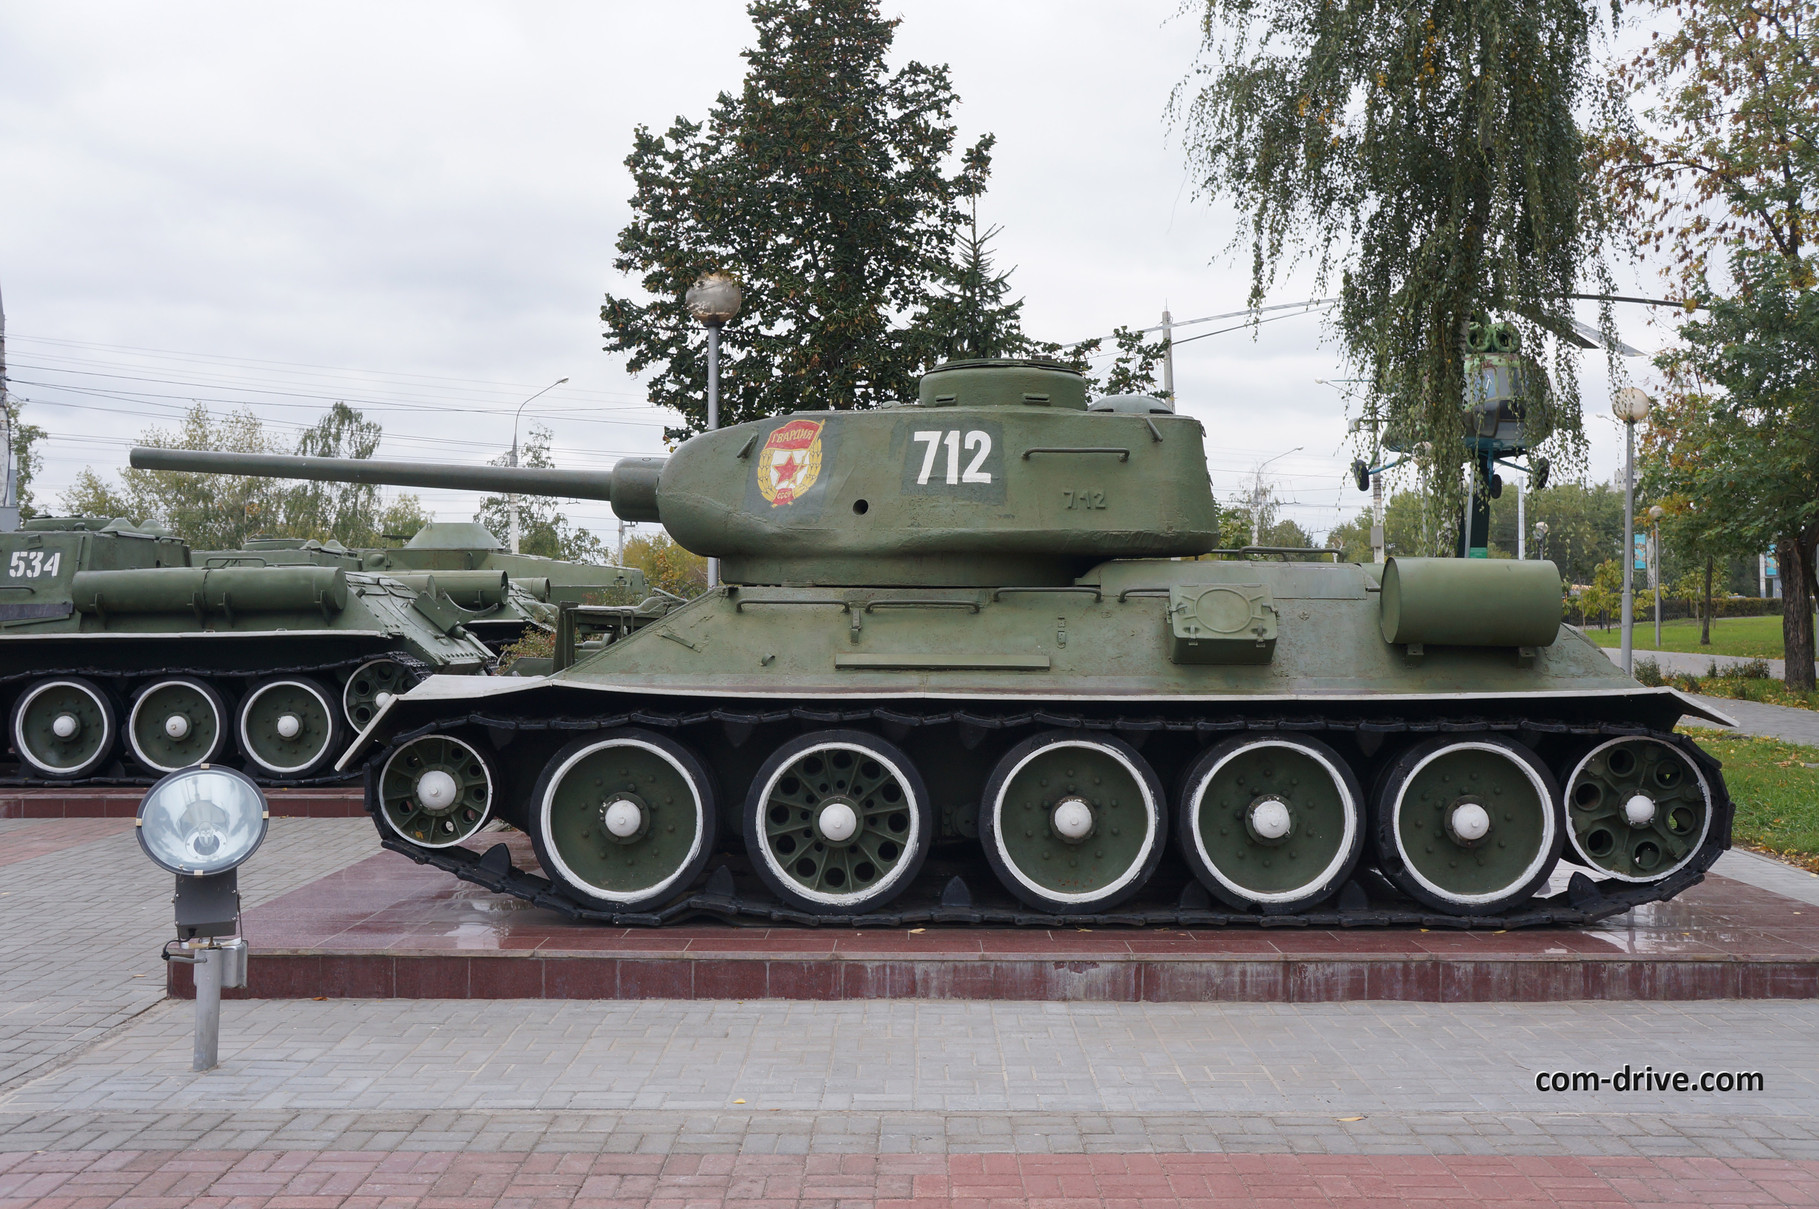 Своеобразной правдоподобности Т-34-85 добавляет сочетание различных типов катков, что было нередким явлением в годы войны